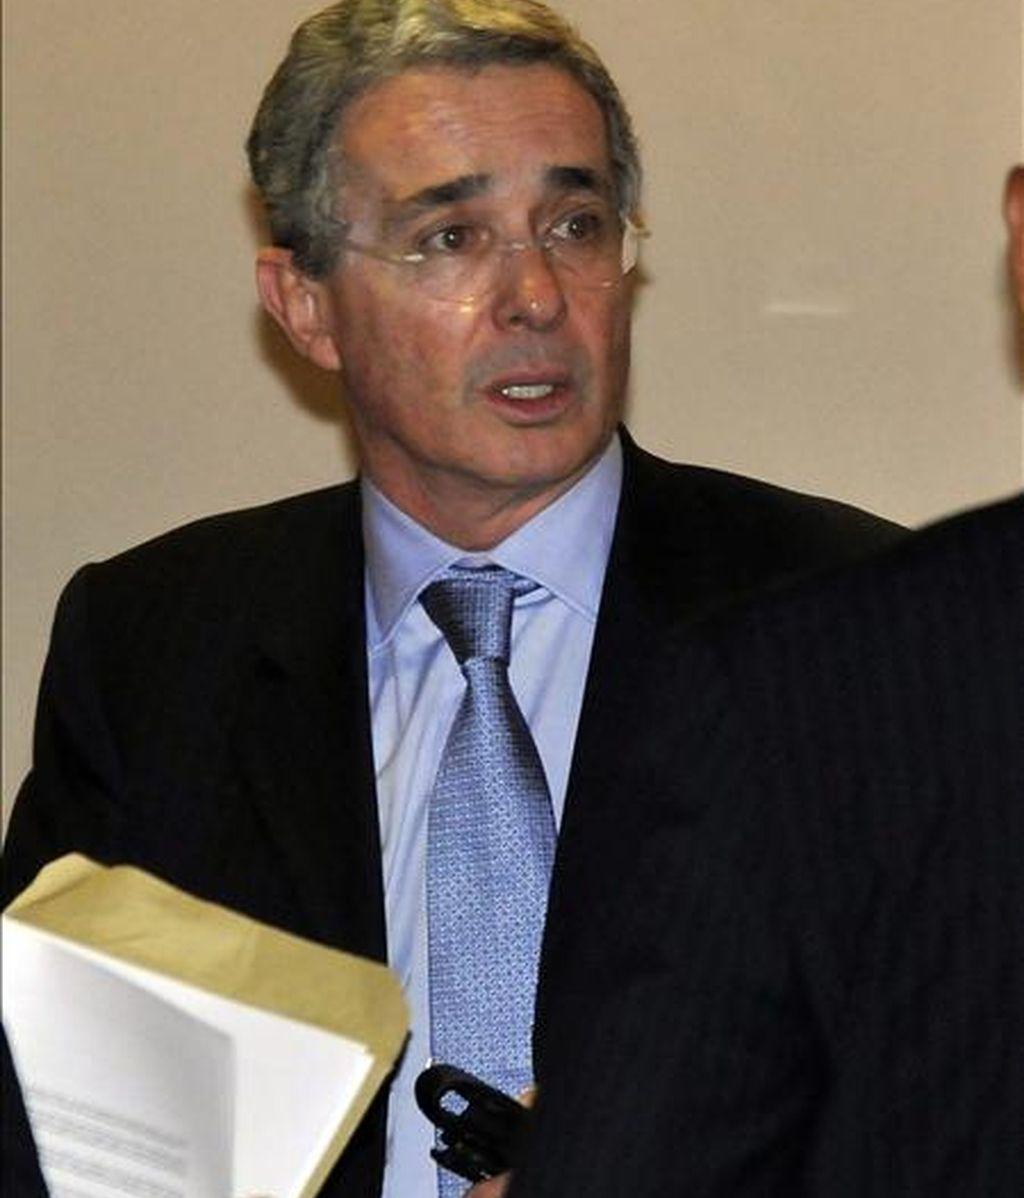 El ex presidente colombiano Álvaro Uribe. EFE/Archivo